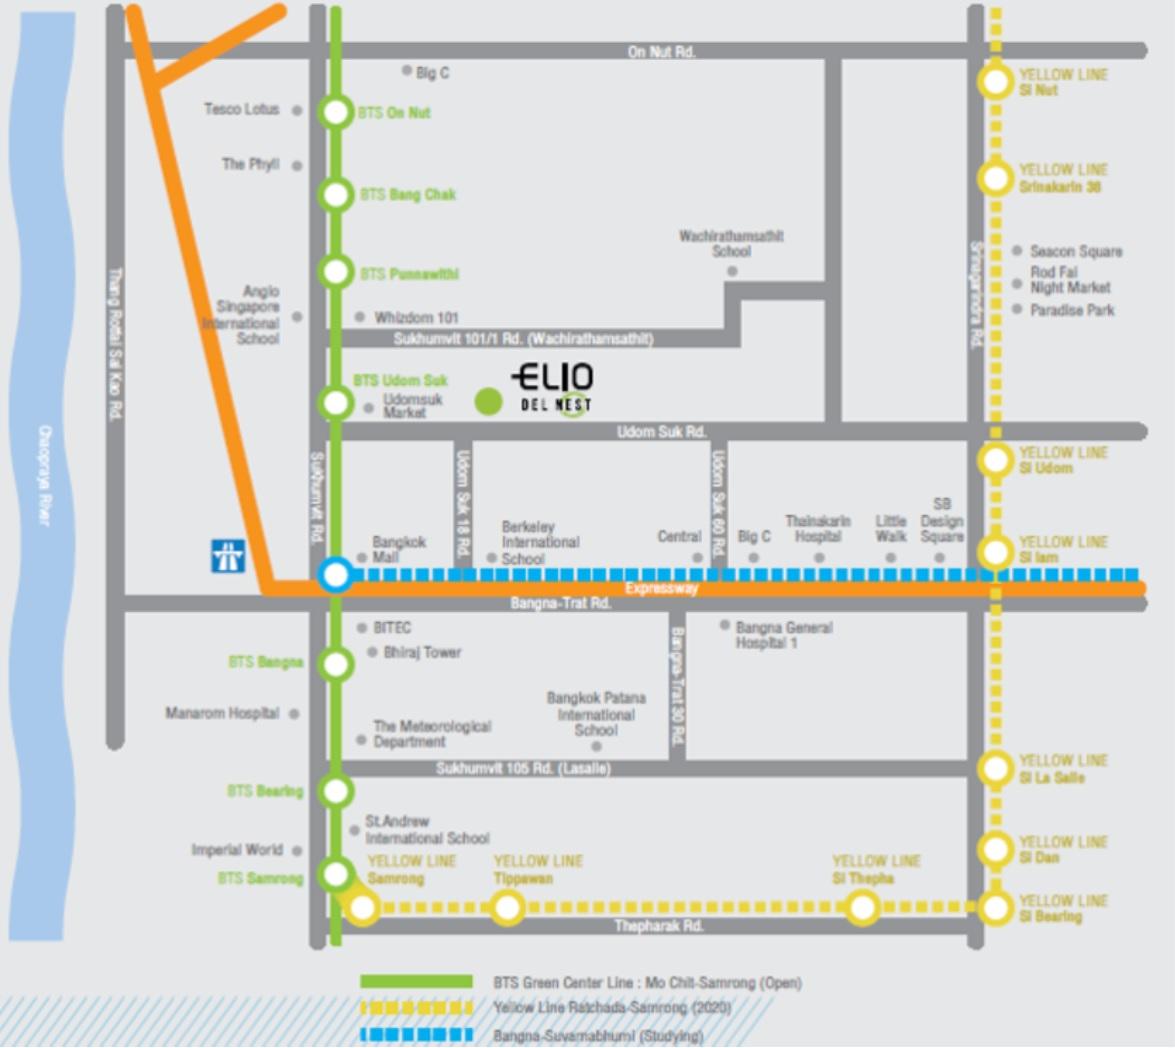 elio map